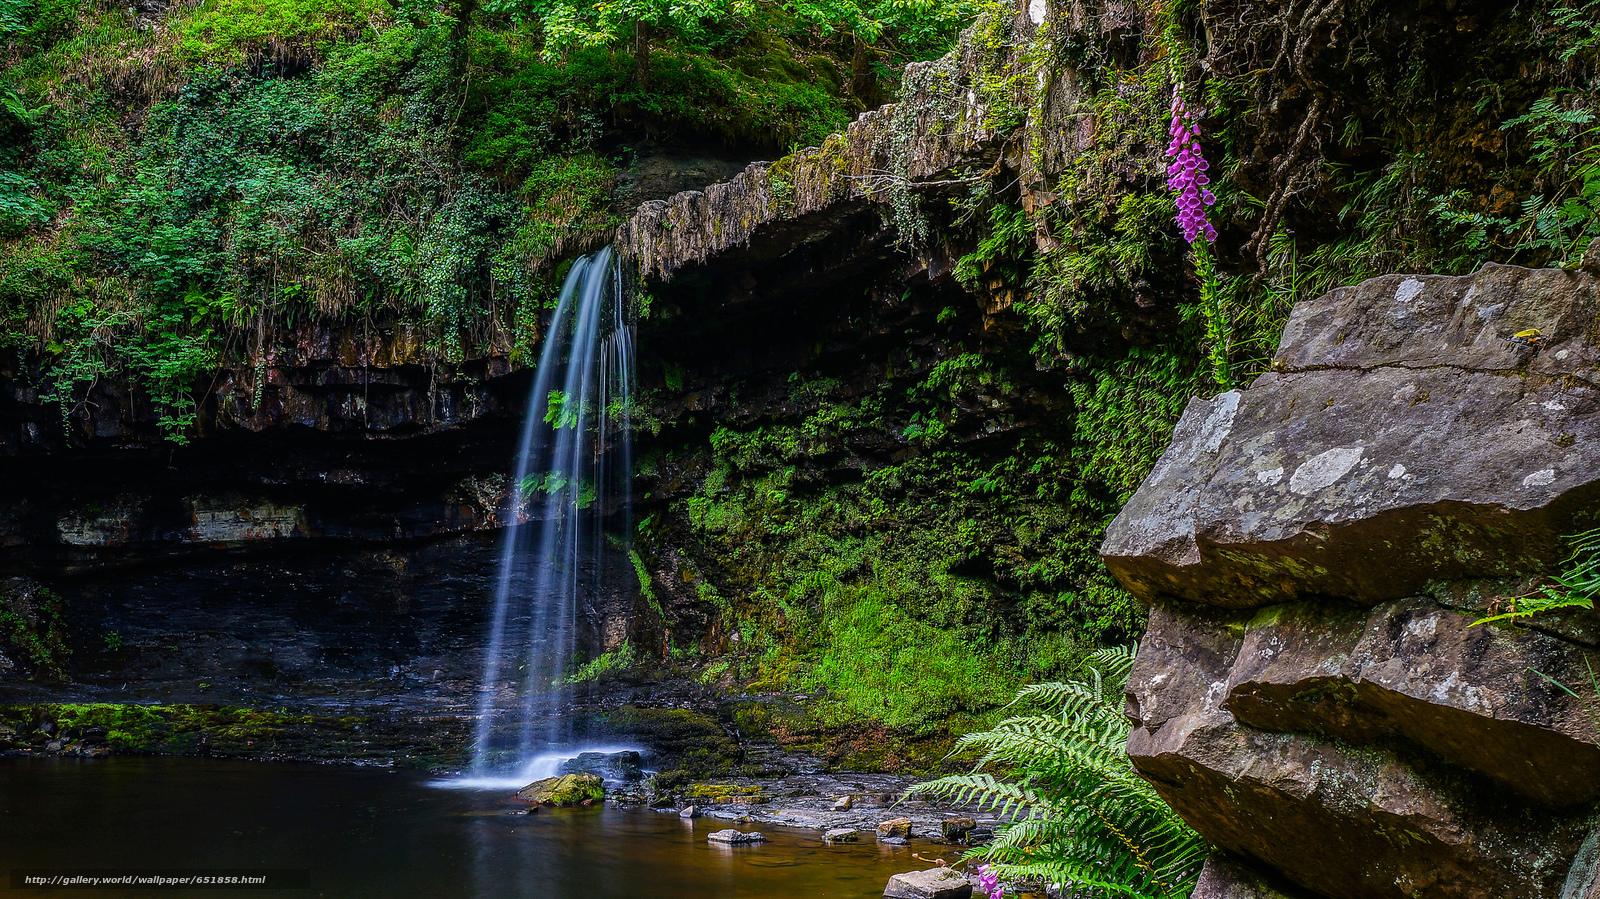 Download Hintergrund Wasserfall,  Rocks,  Fluss,  Wald Freie desktop Tapeten in der Auflosung 2048x1151 — bild №651858